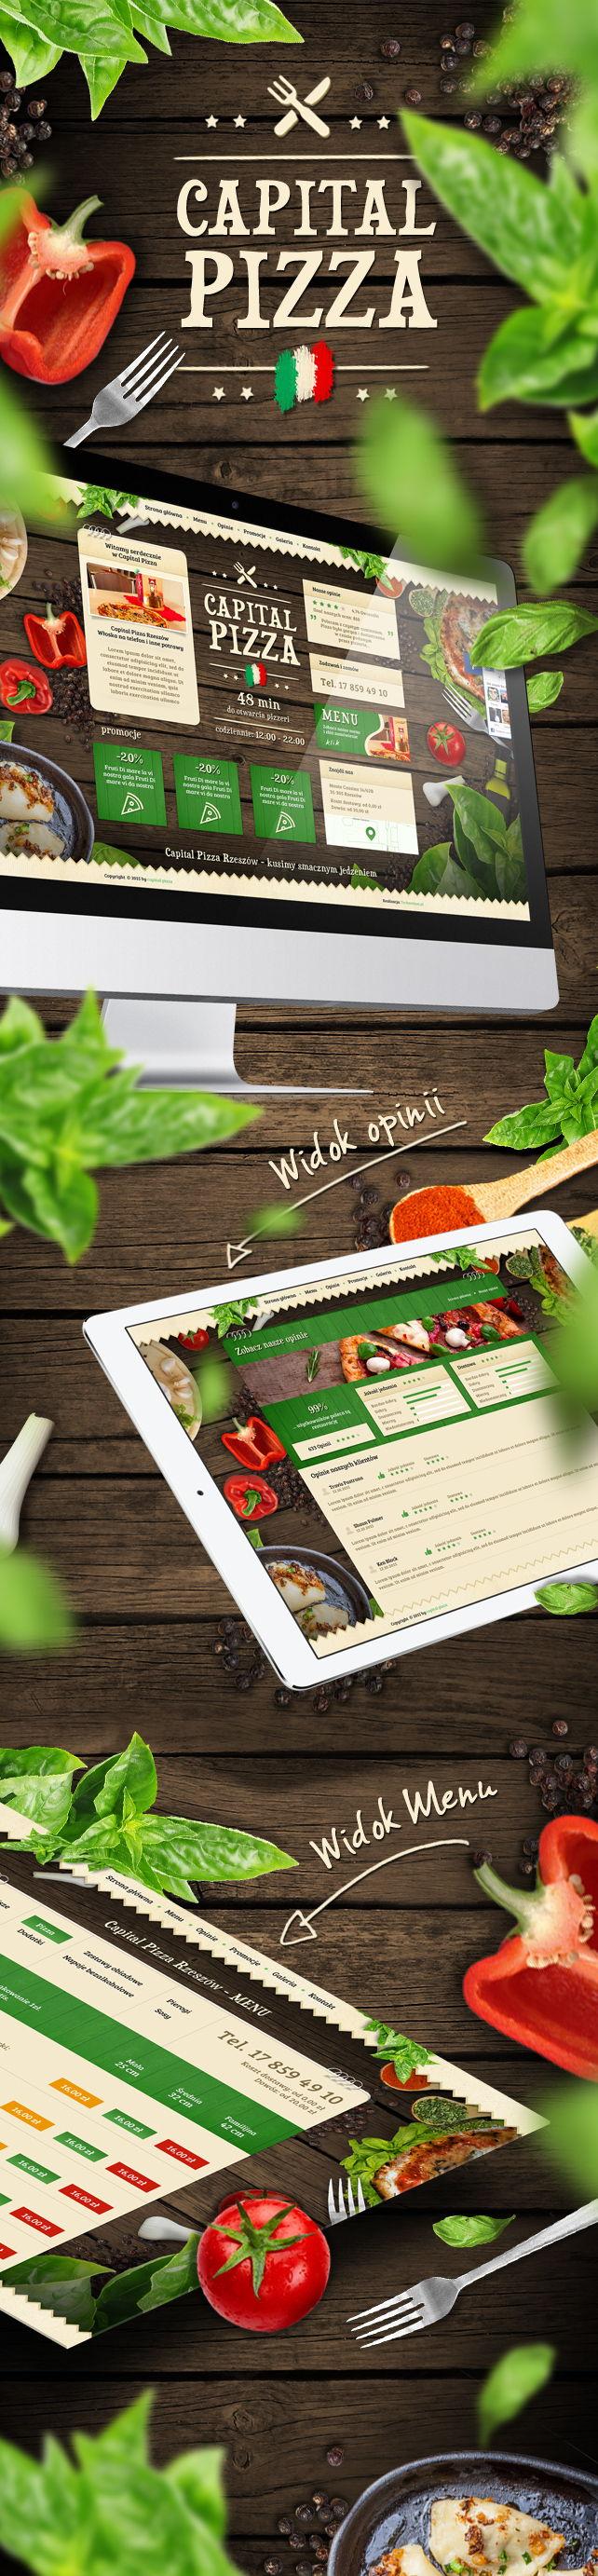 Strona www, projekt graficzny Pizzeria Capital Pizza